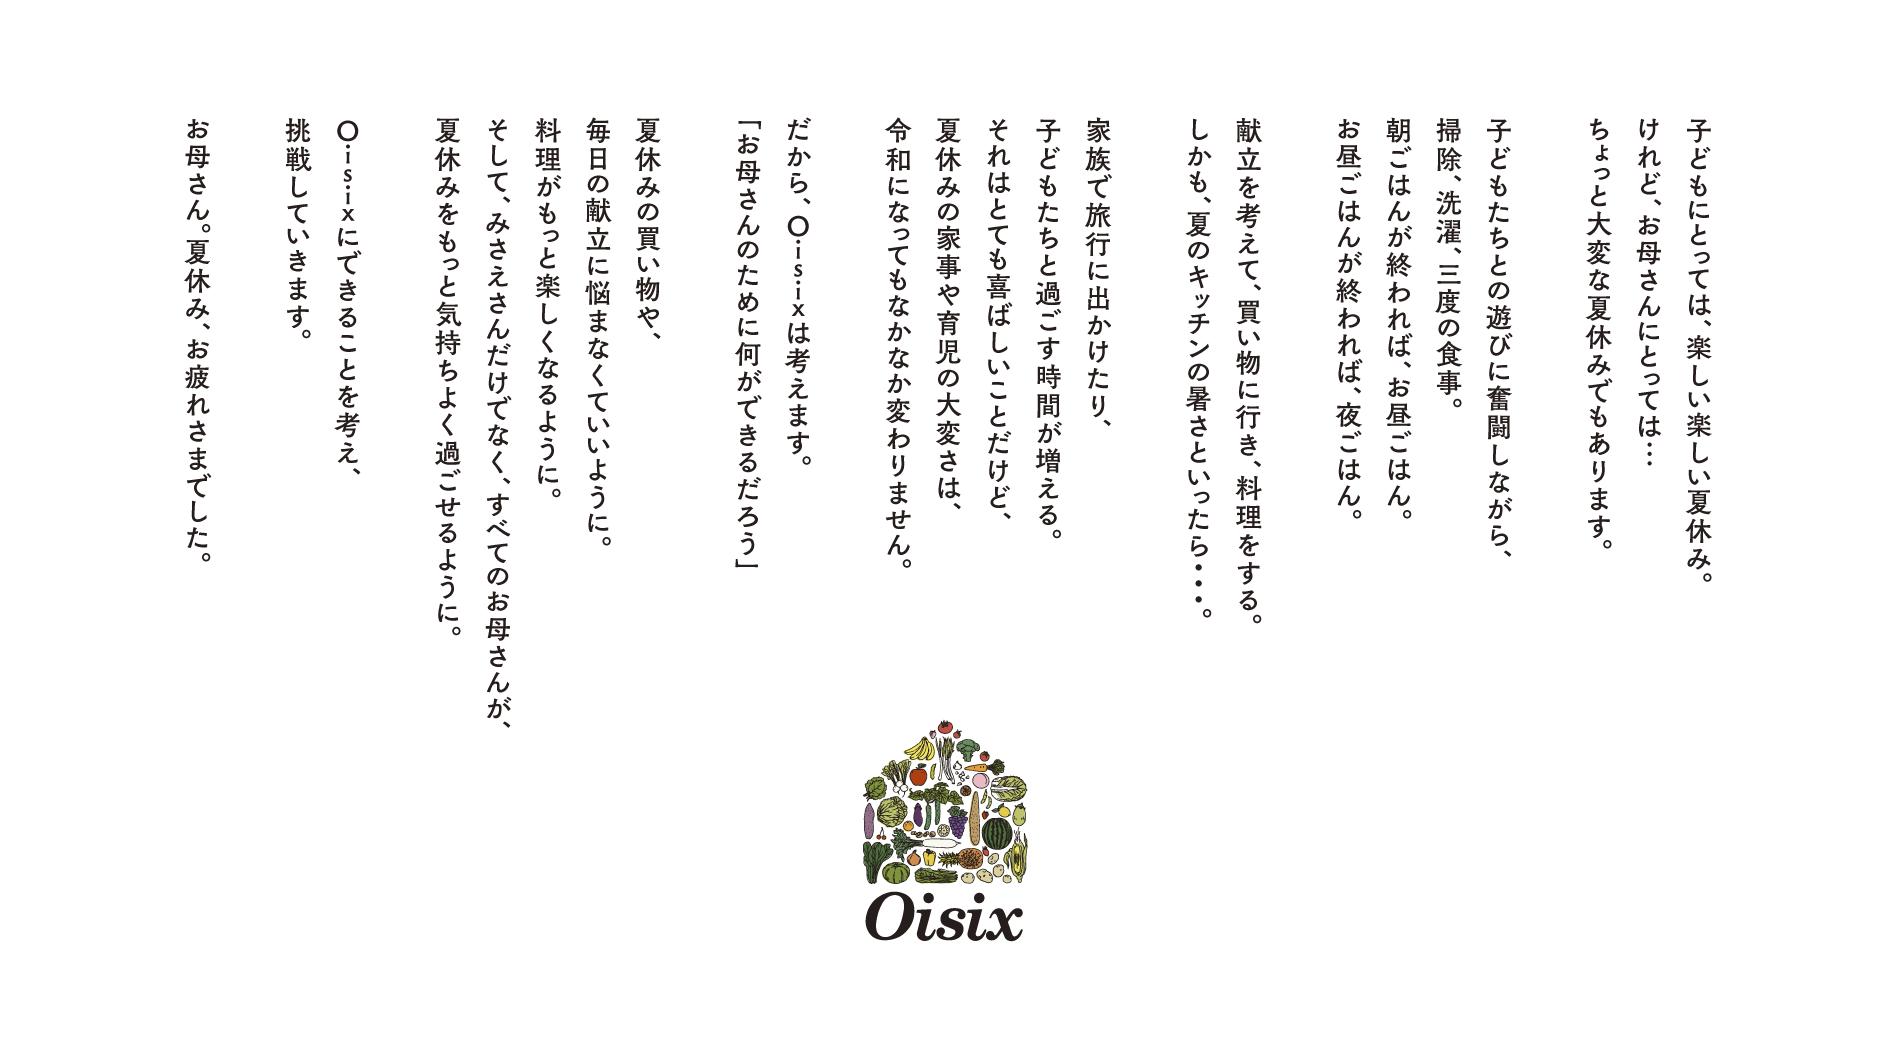 『クレヨンしんちゃん』夏休み終わりの「泣ける」春日部駅ポスターに感想続出の画像003